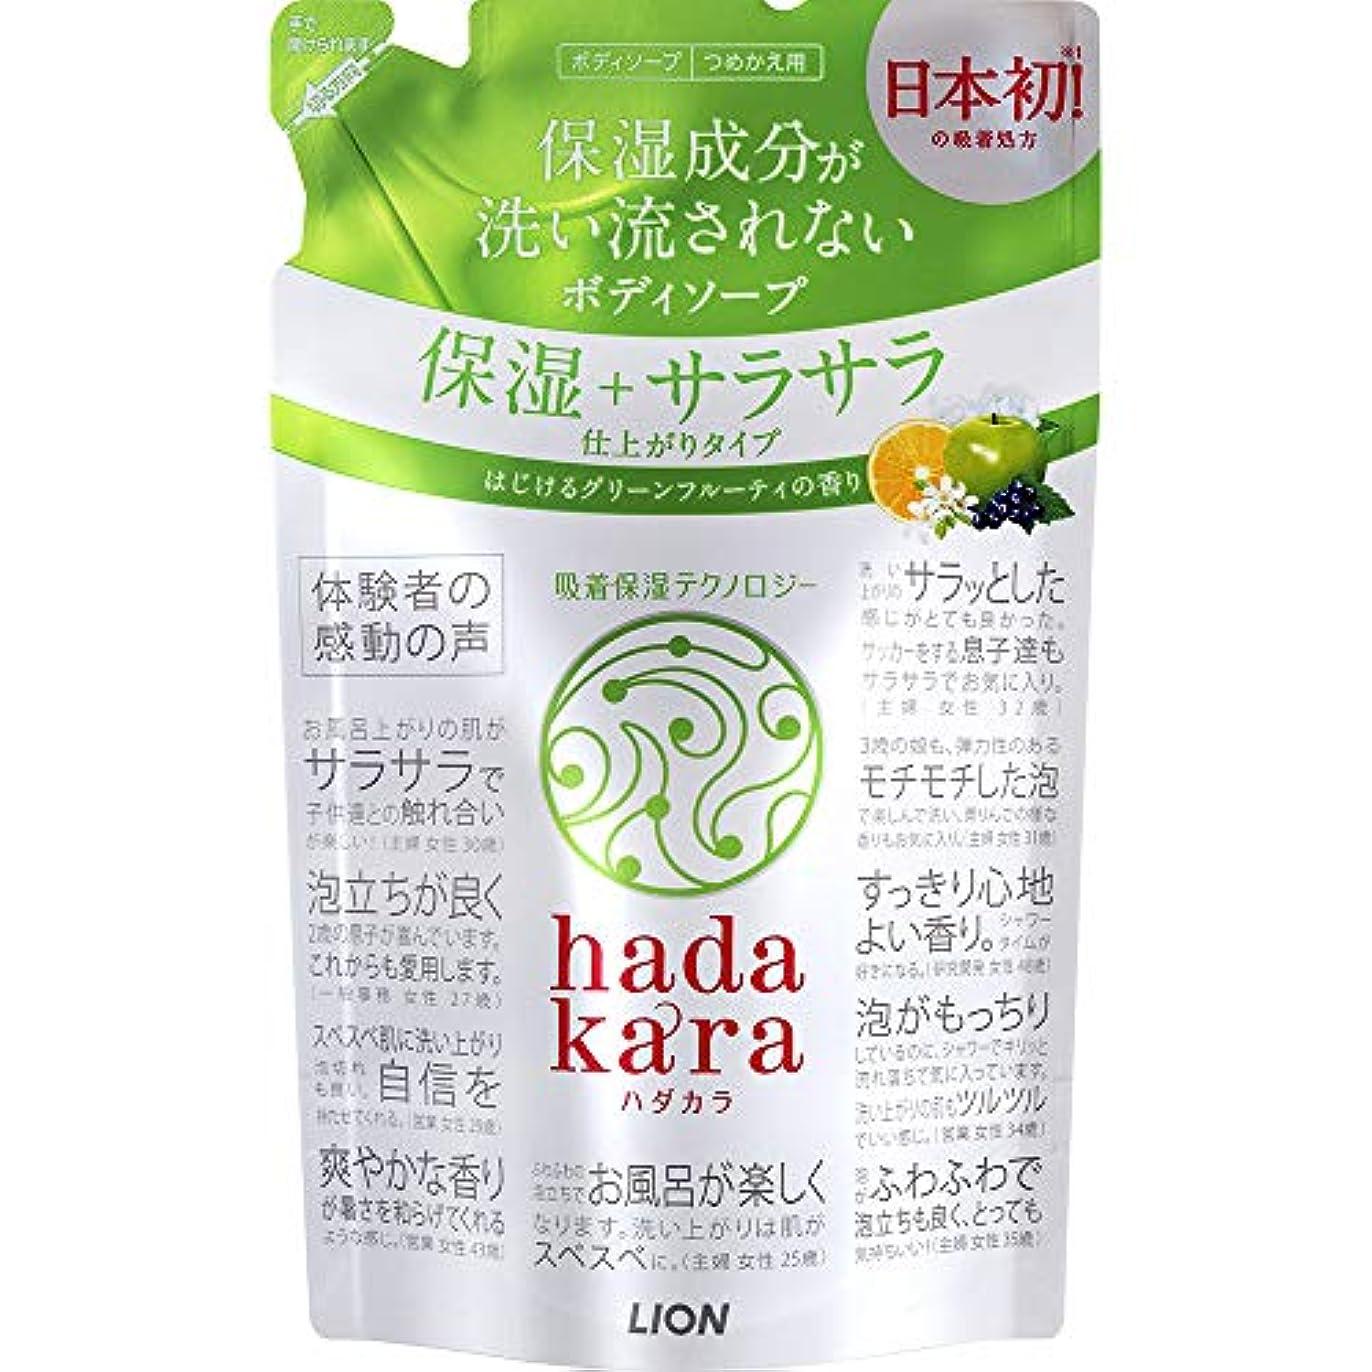 絶え間ないランドマークデマンドhadakara(ハダカラ) ボディソープ 保湿+サラサラ仕上がりタイプ グリーンフルーティの香り 詰め替え 340ml